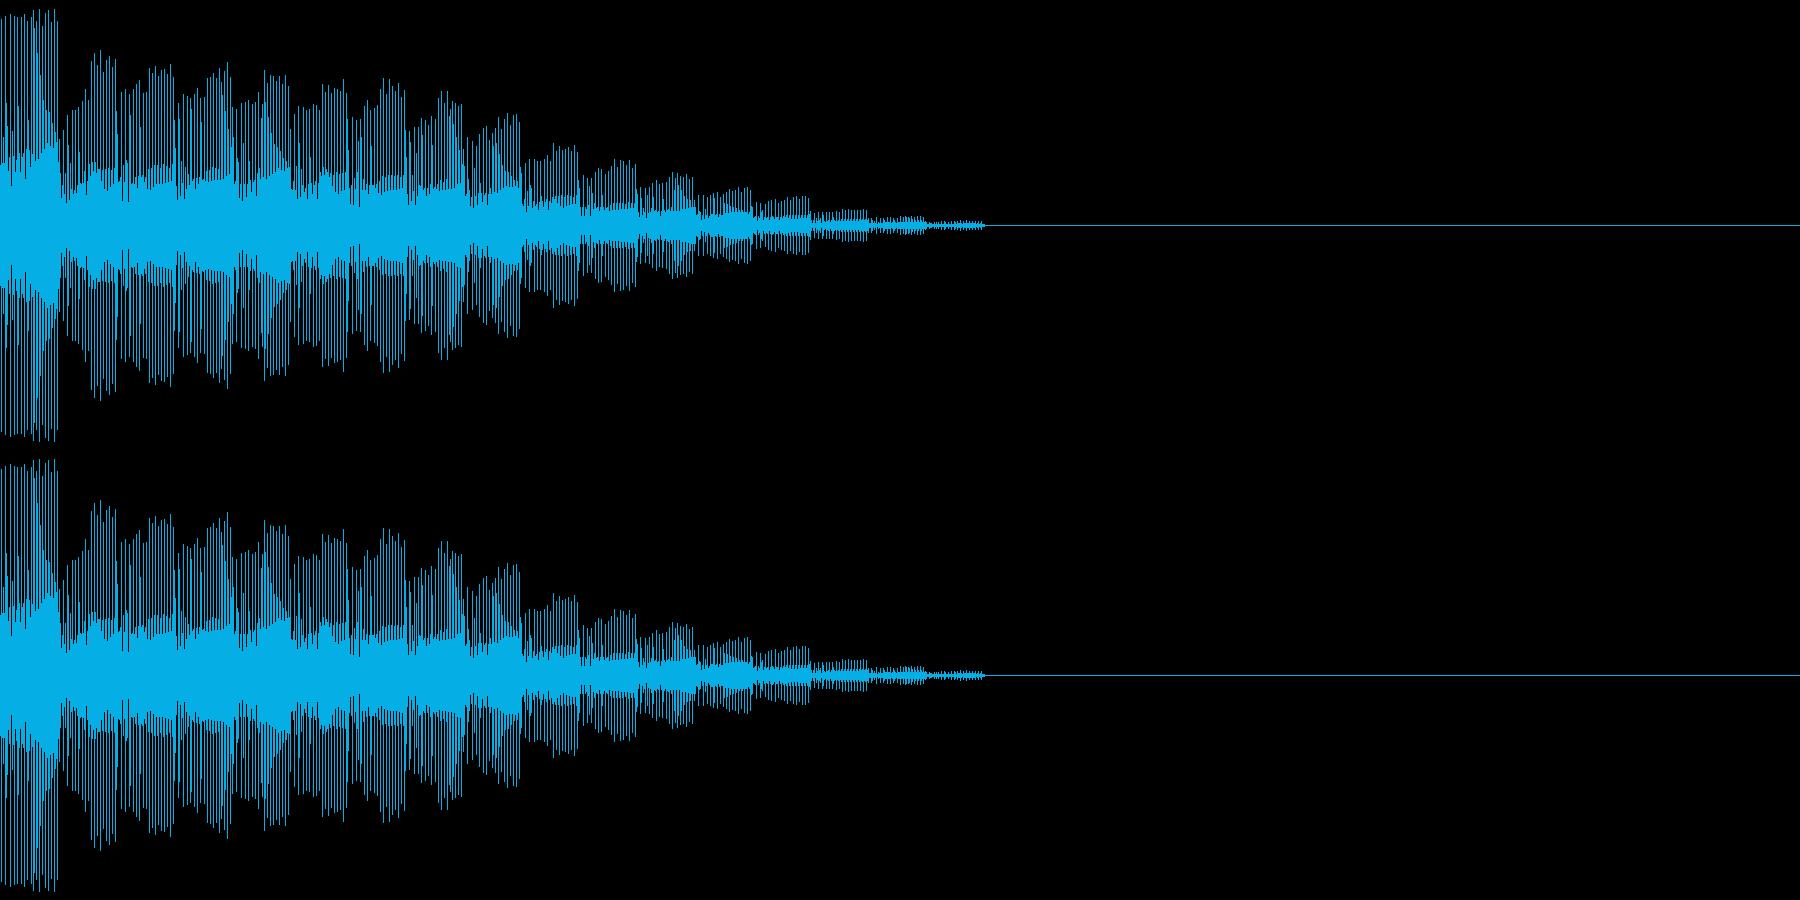 ピロロロロンの再生済みの波形